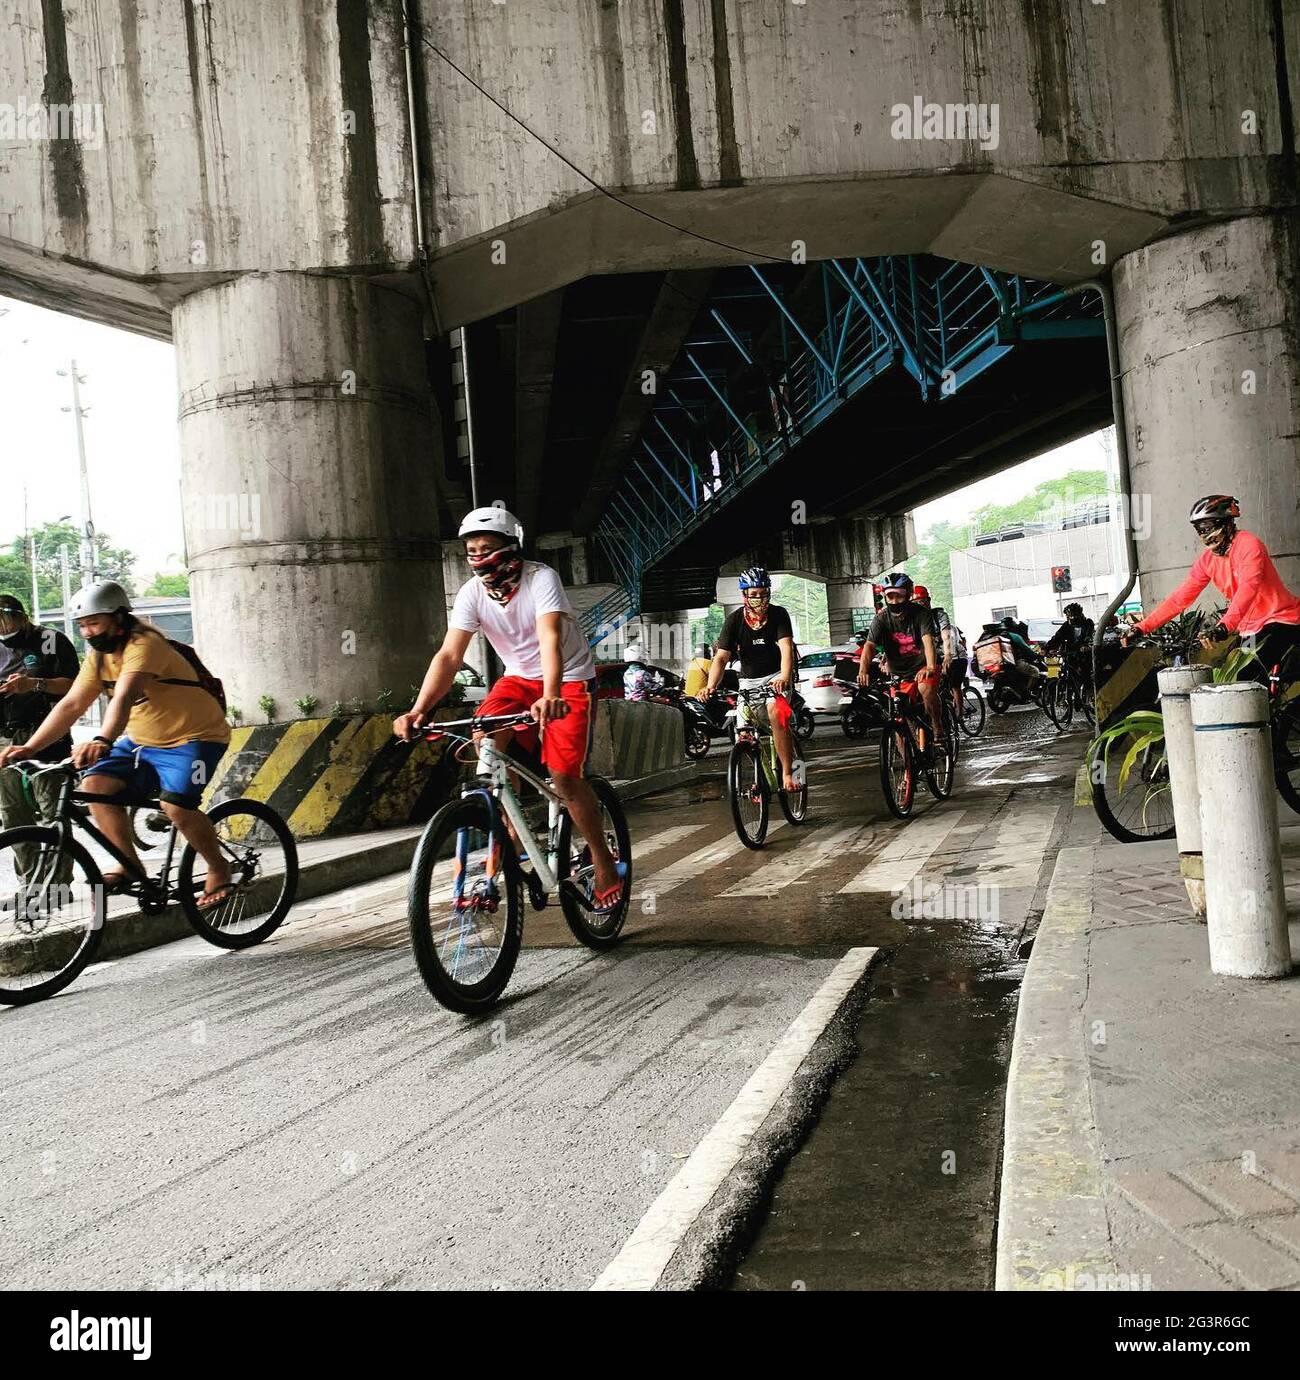 Los voluntarios cuentan bicicletas en algunas de las carreteras más transitadas de Metro Manila, ya que recopilaron datos que ayudarán a establecer la necesidad de una cultura de bicicleta más segura y eficiente en el país. Filipinas. Foto de stock